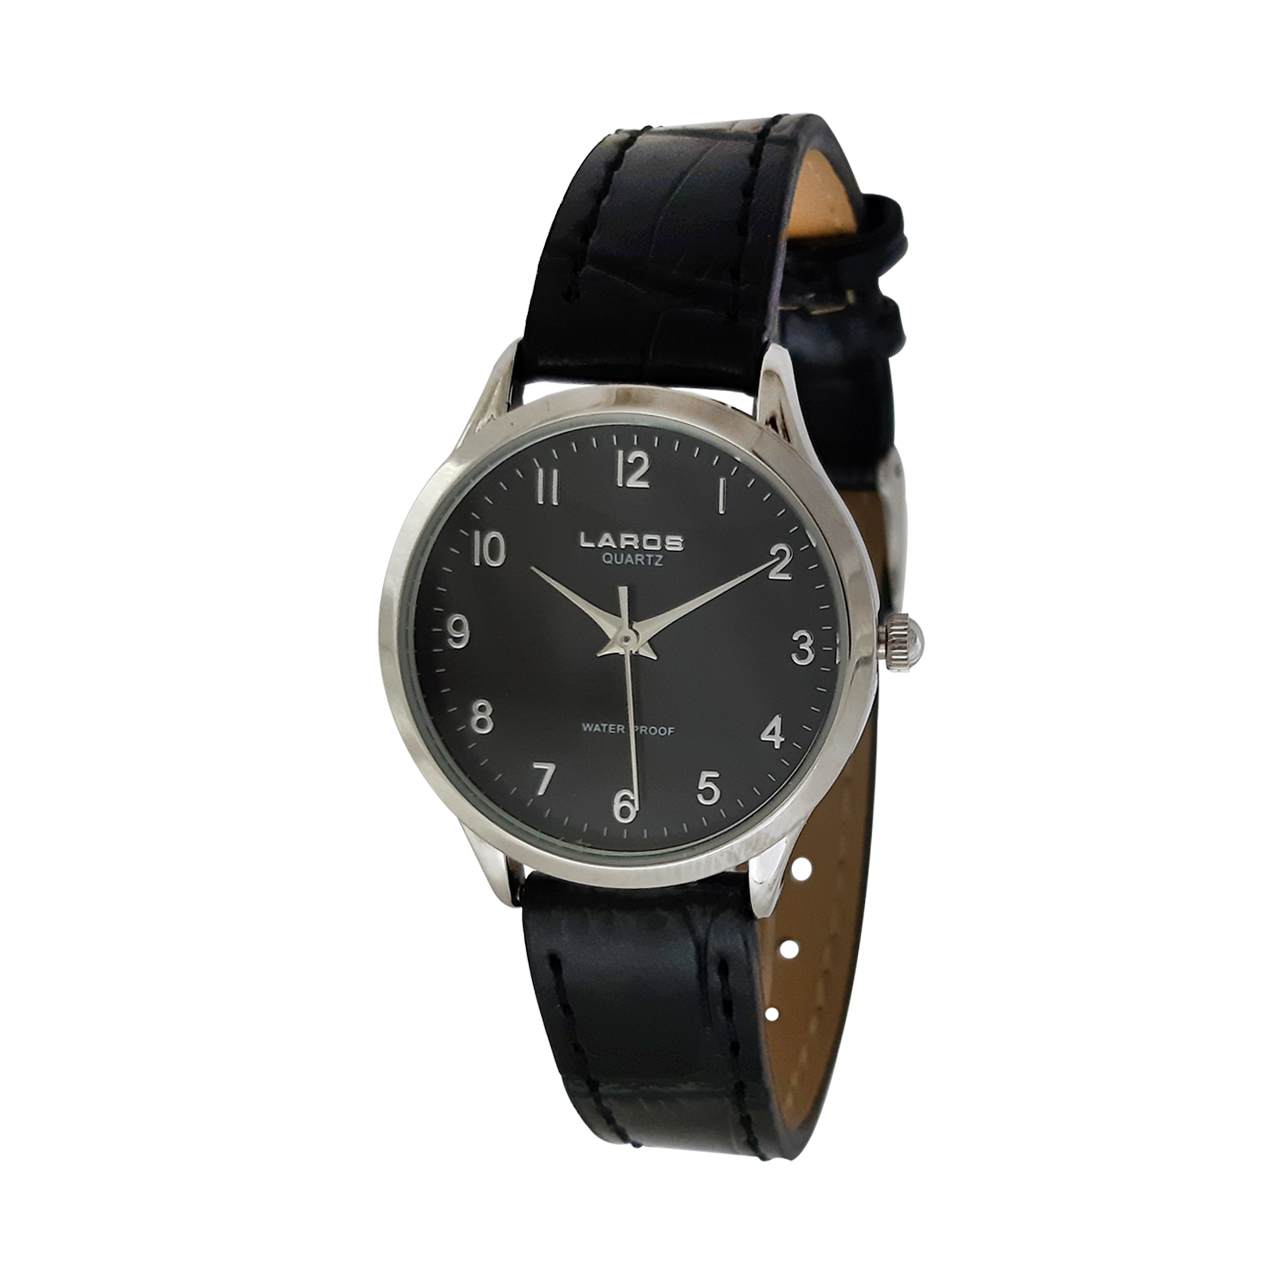 ساعت مچی عقربه ای زنانه لاروس مدل 0118-80206-s به همراه دستمال مخصوص برند کلین واچ 6